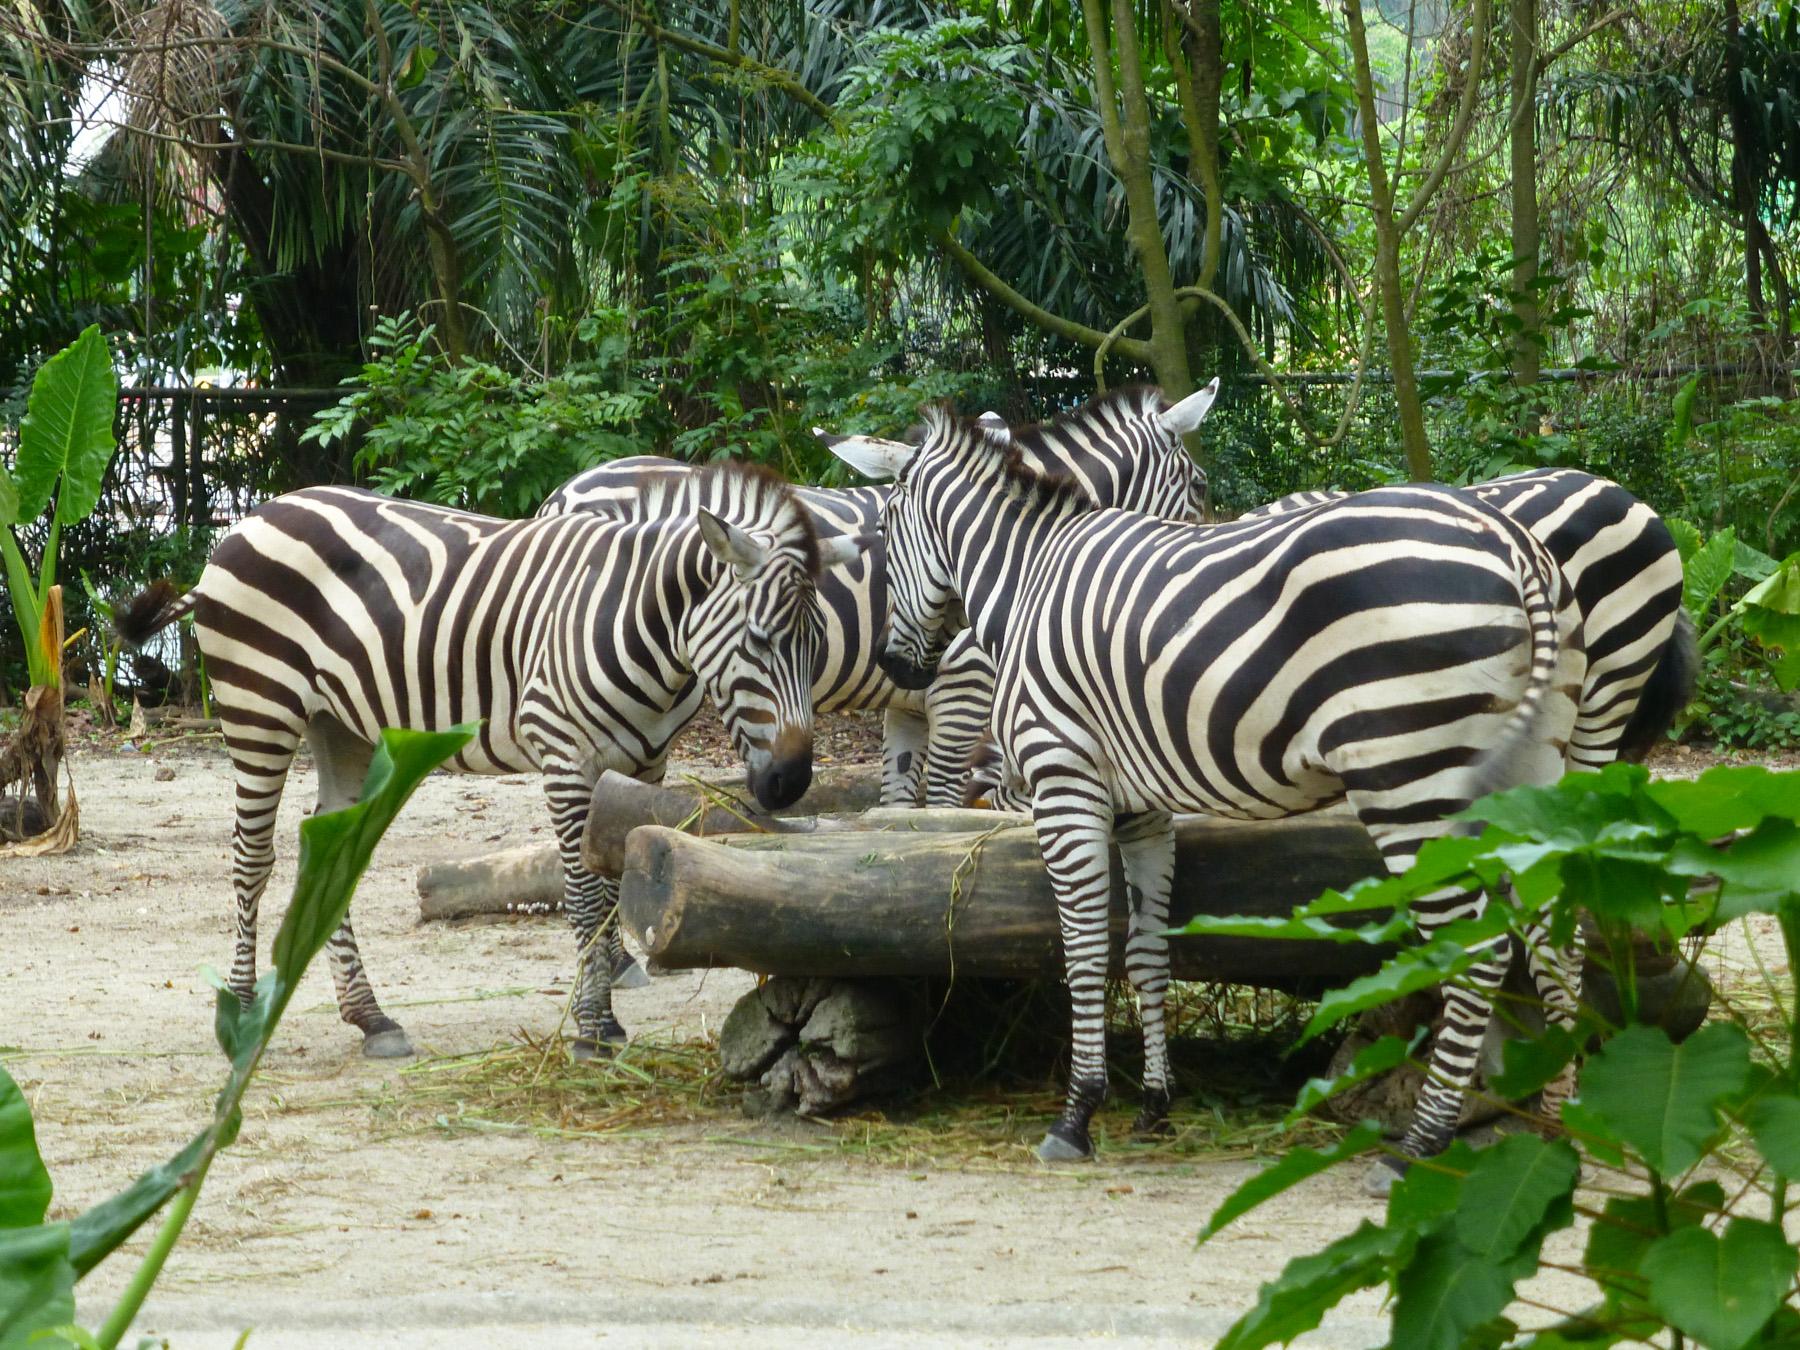 A Zebra Brunch